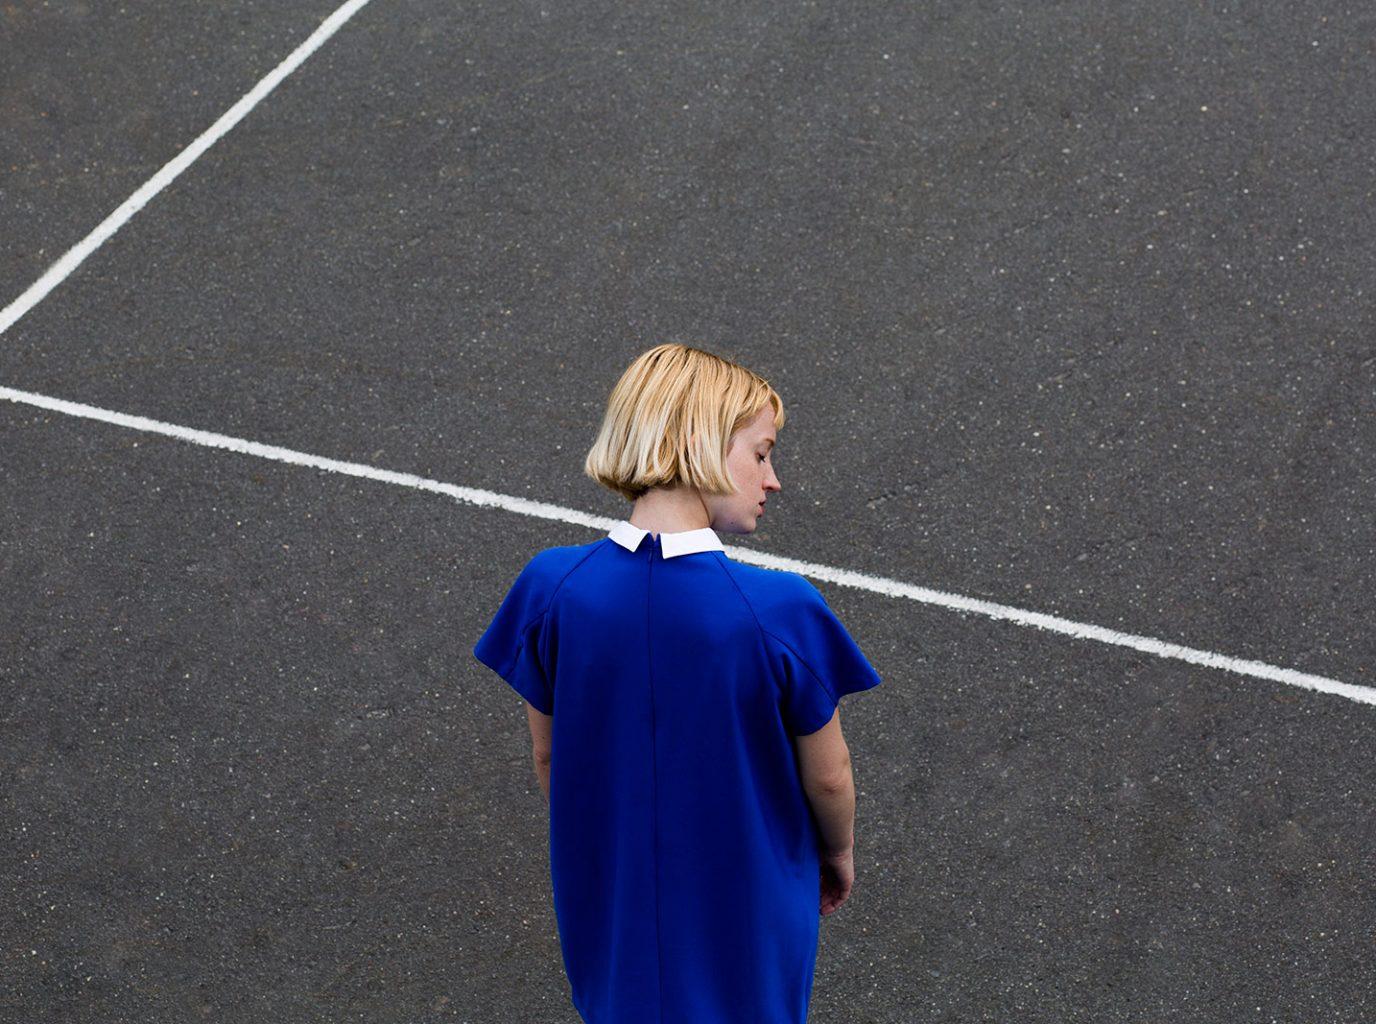 Chica con vestido azul en la calle